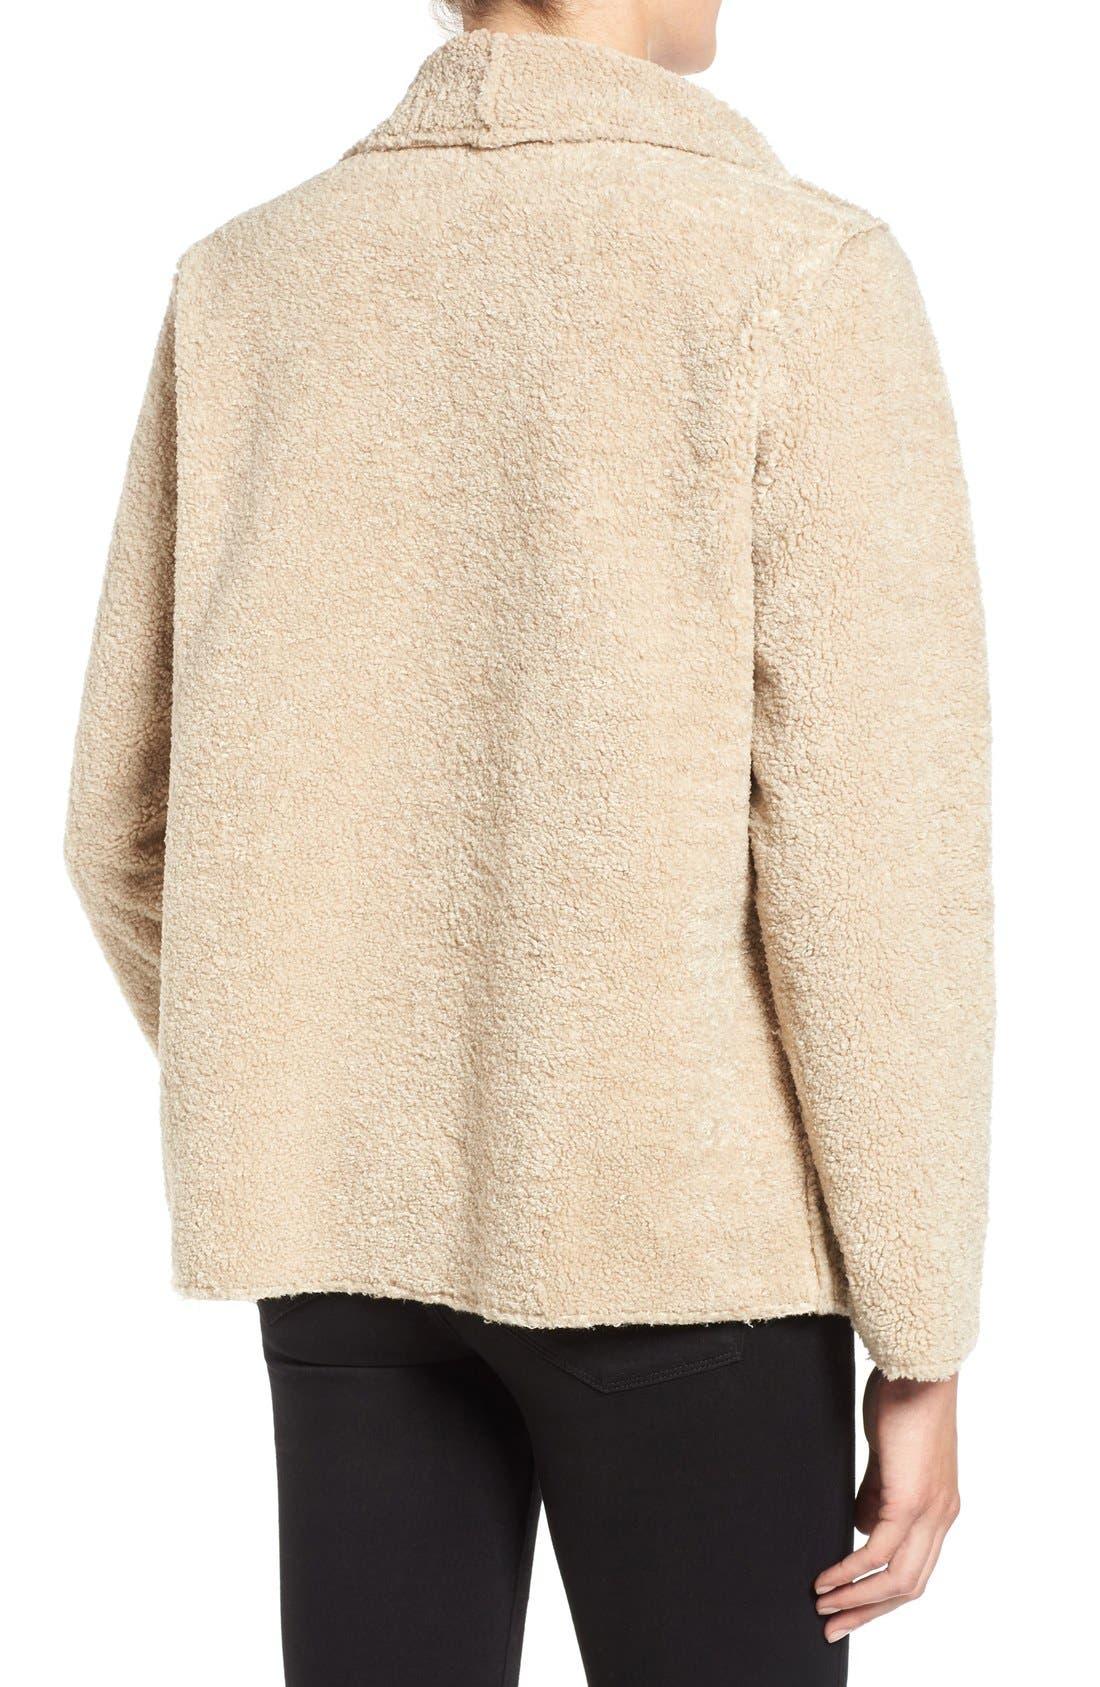 Alternate Image 2  - Velvet by Graham & Spencer 'Lux' Reversible Faux Shearling Drape Front Jacket